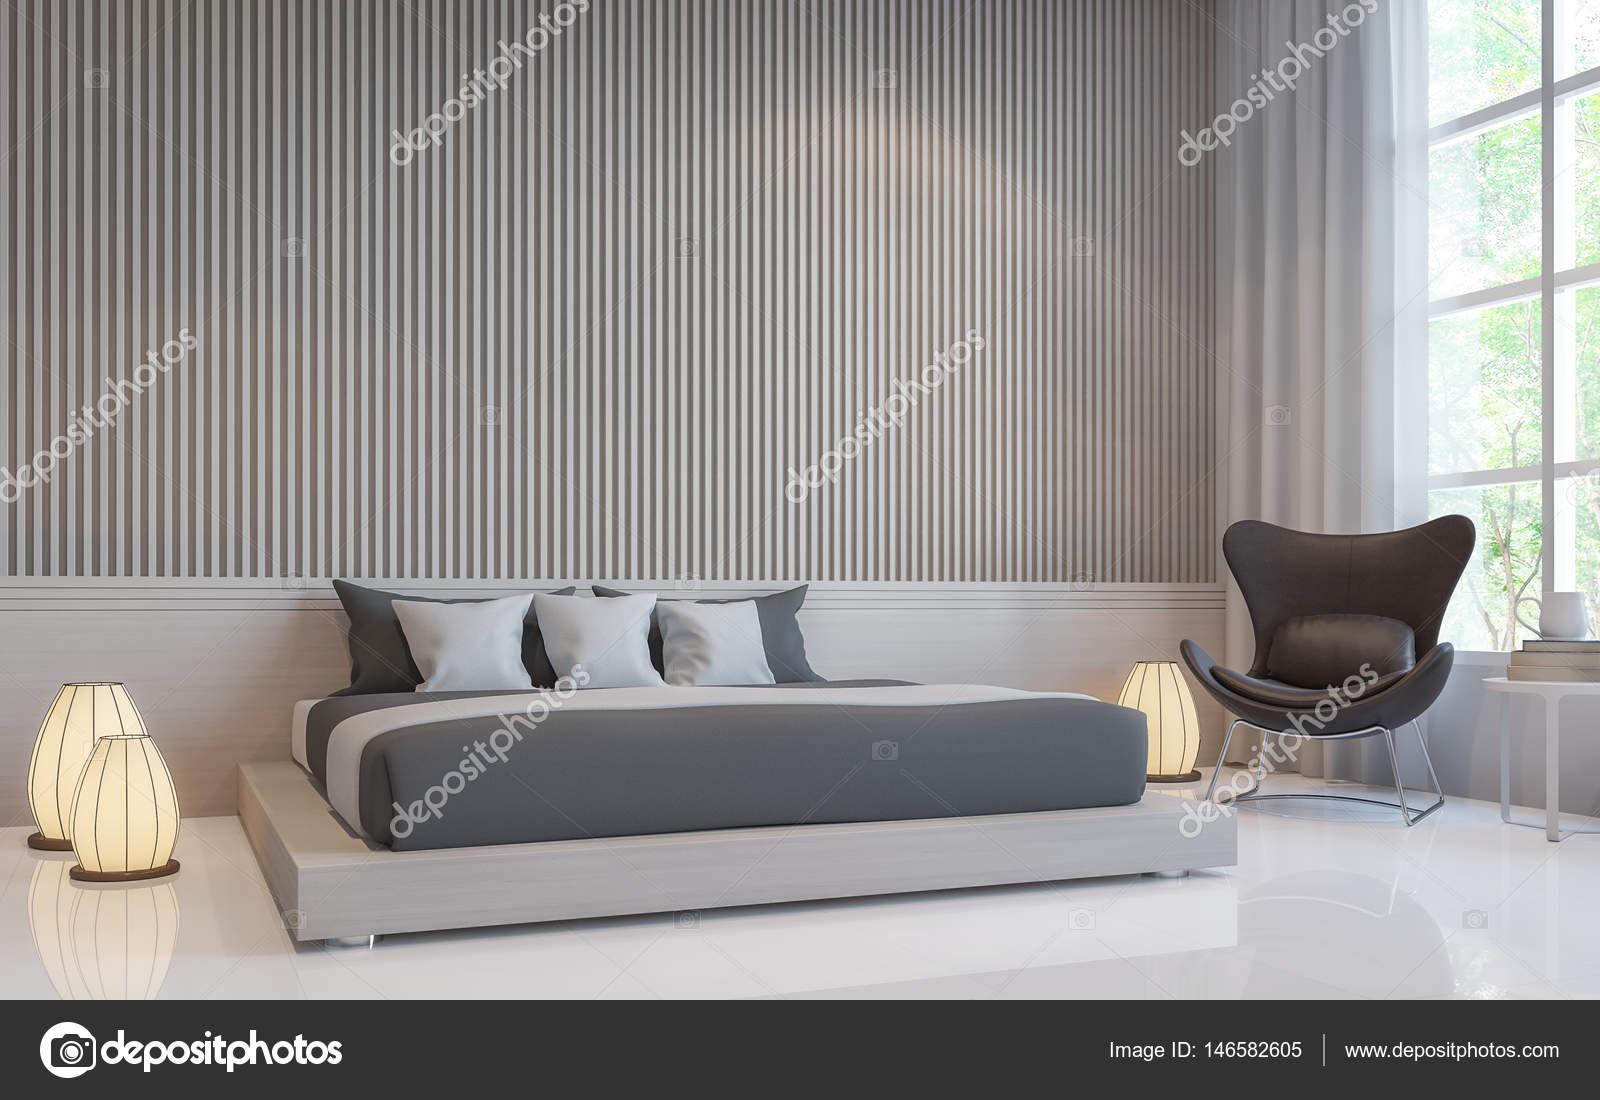 Moderne Weisse Schlafzimmer Interior 3d Render Bild Stockfoto